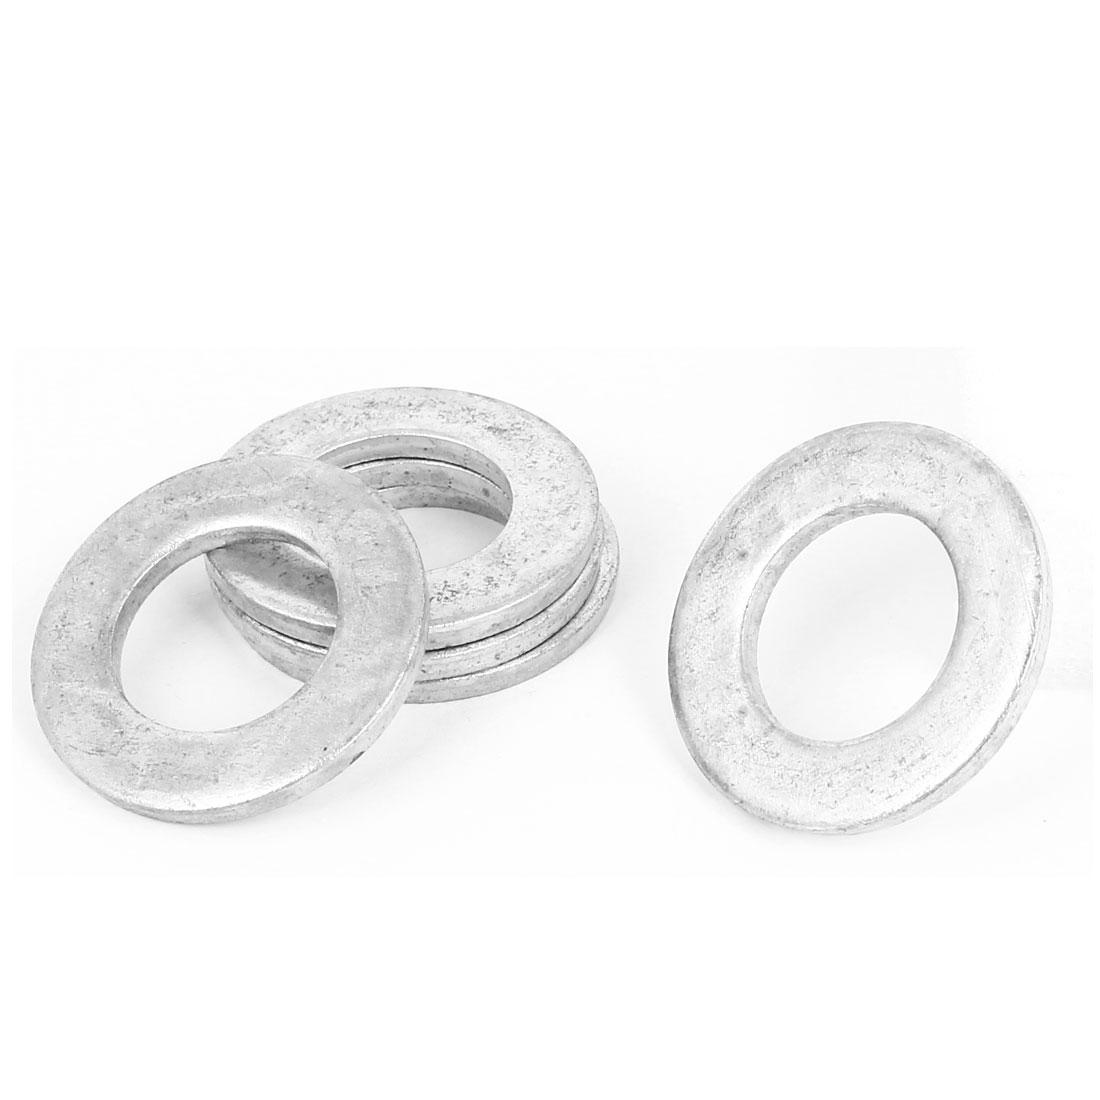 24mm x 44mm x 3.9mm Zinc Plated Flat Pads Washers Gaskets Fasteners GB97 5PCS